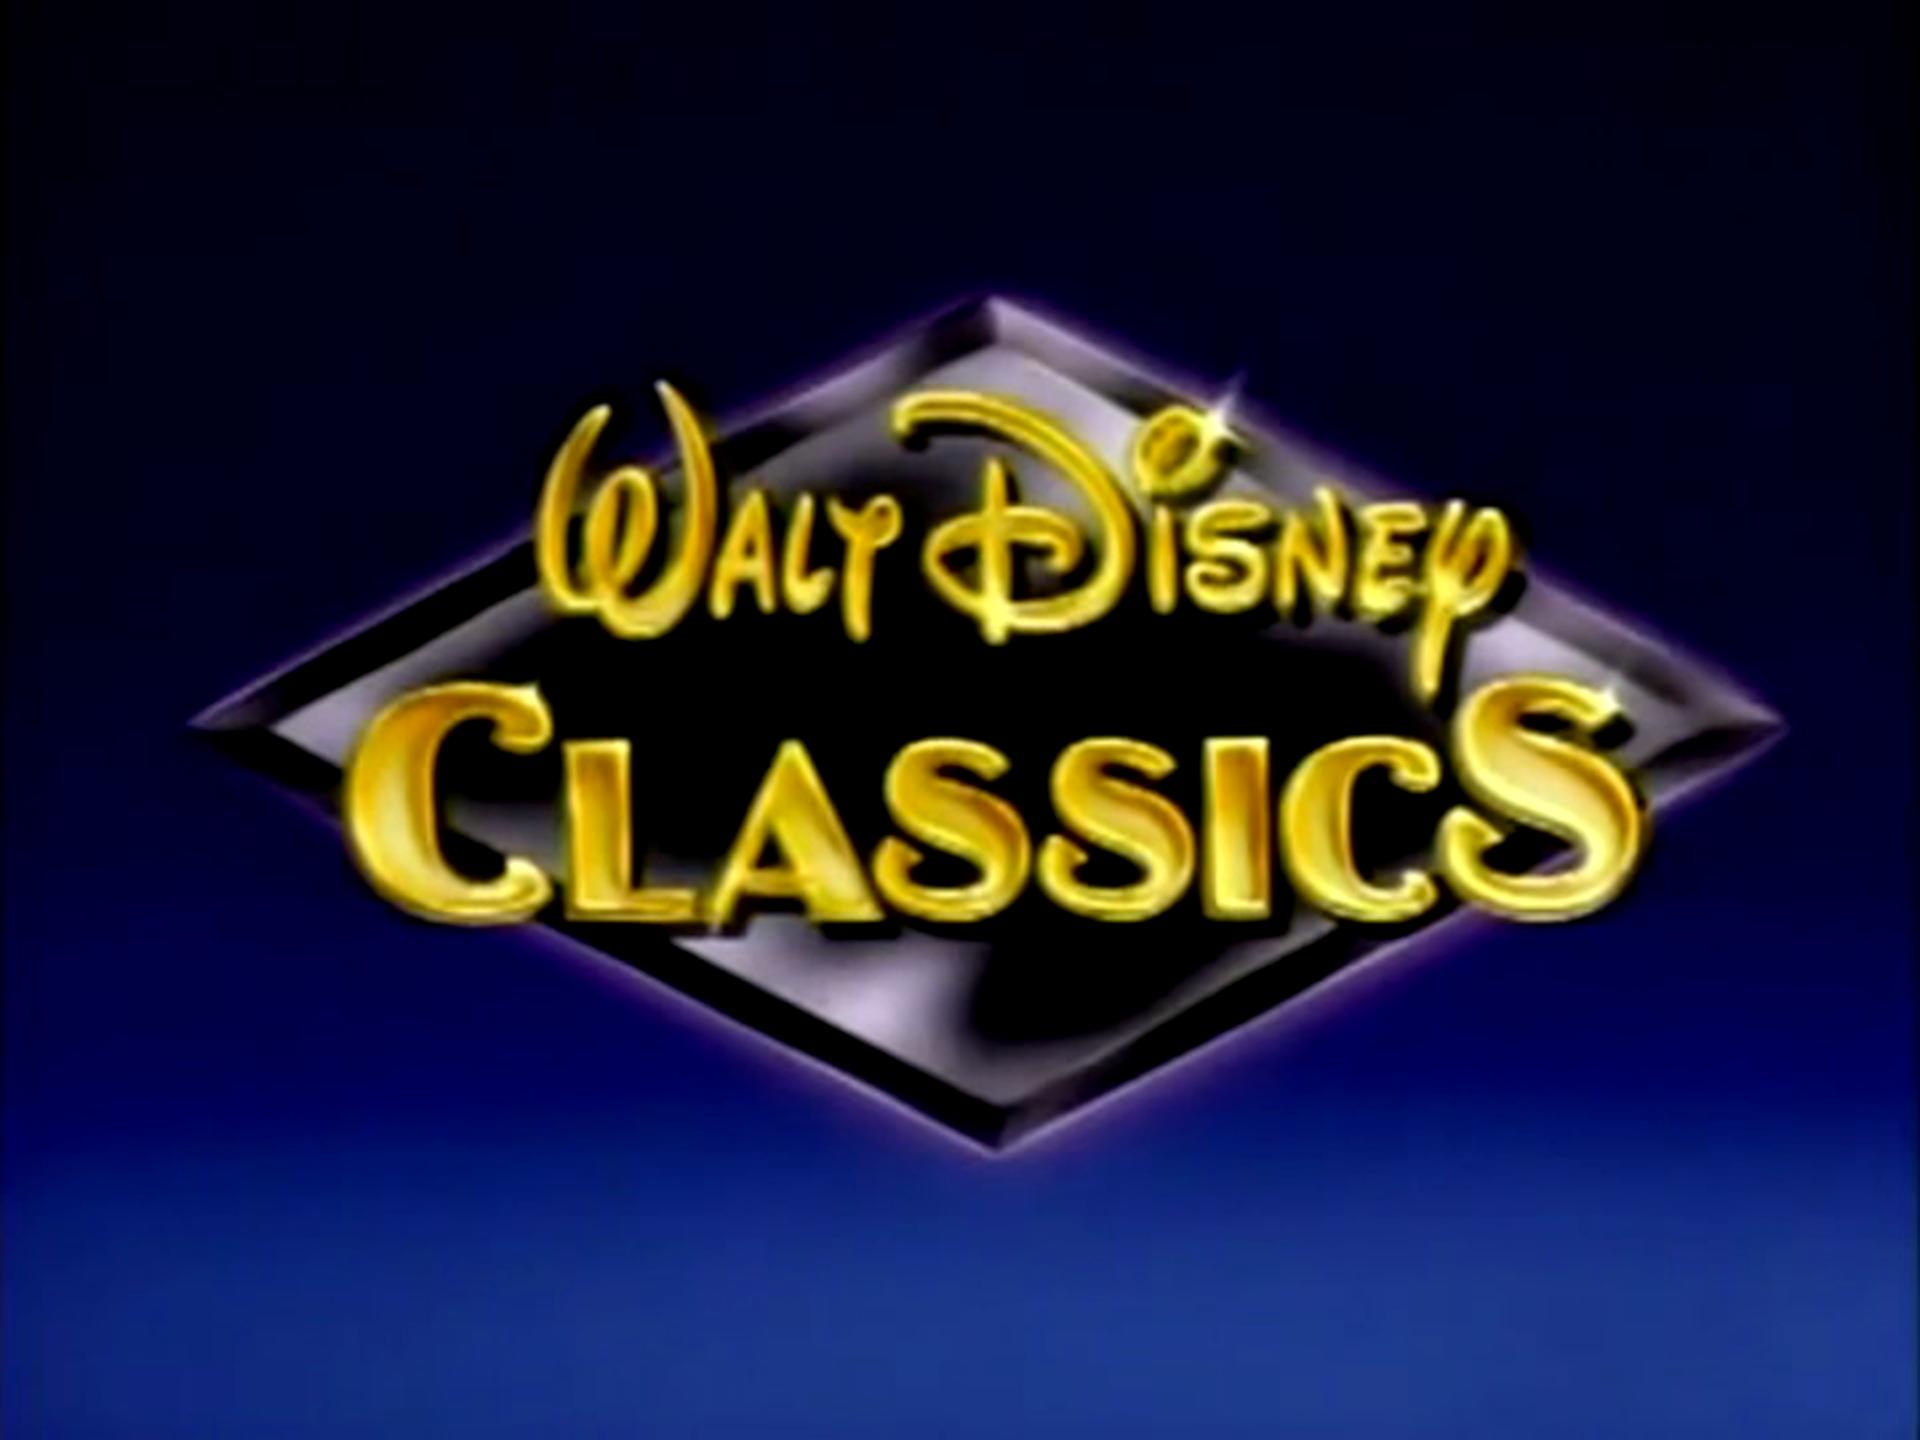 walt disney classics disney wiki fandom powered by wikia